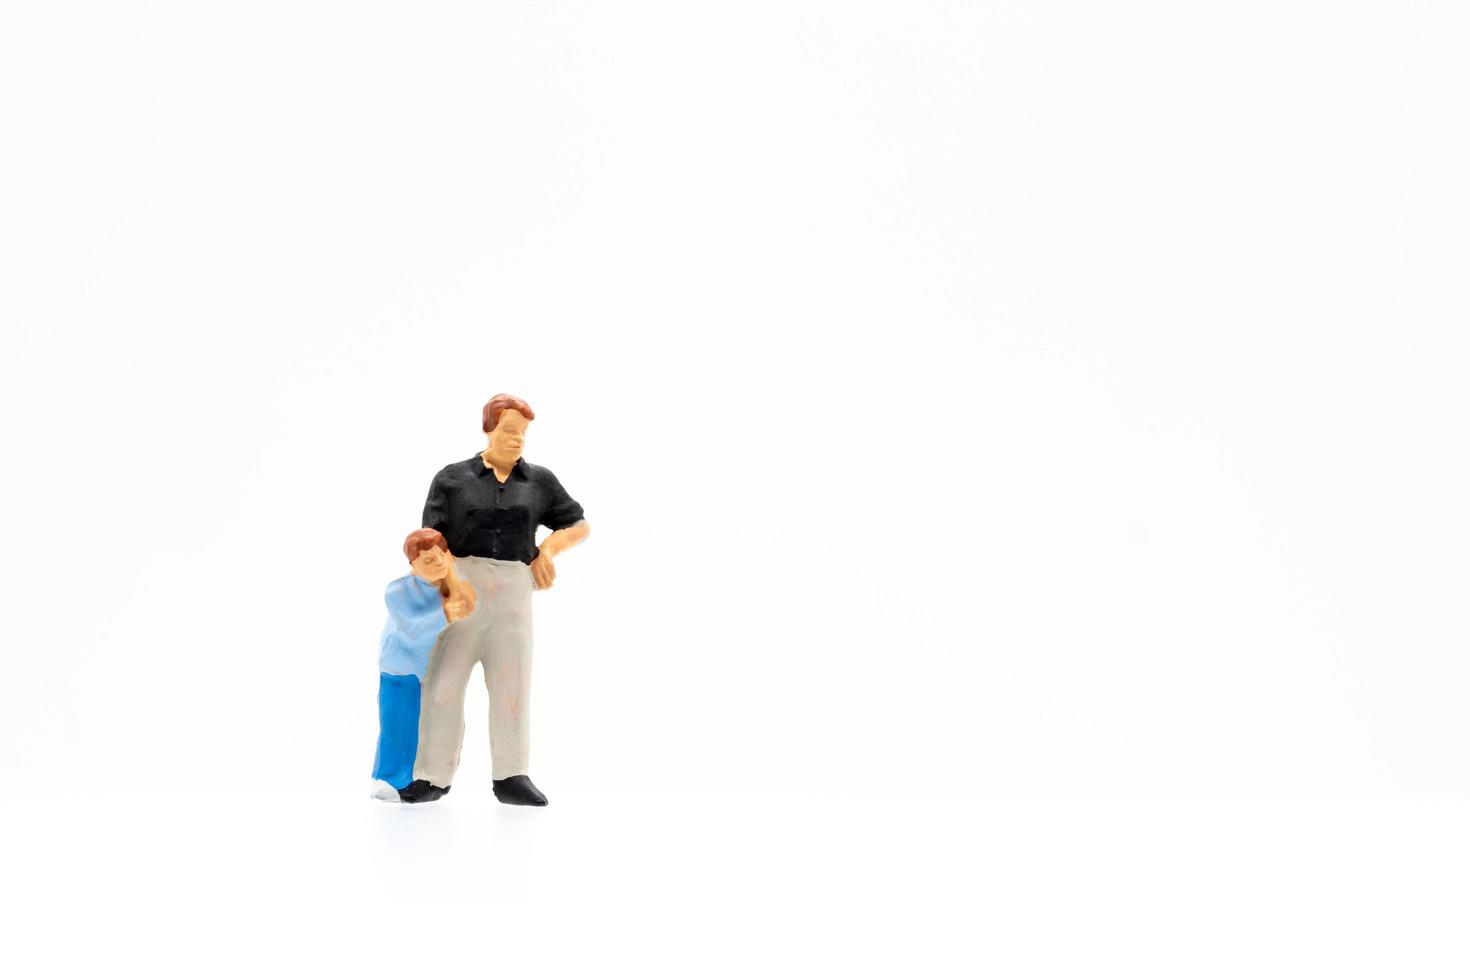 Miniaturfigur von Mutter und Sohn, die auf weißem Hintergrund stehen foto